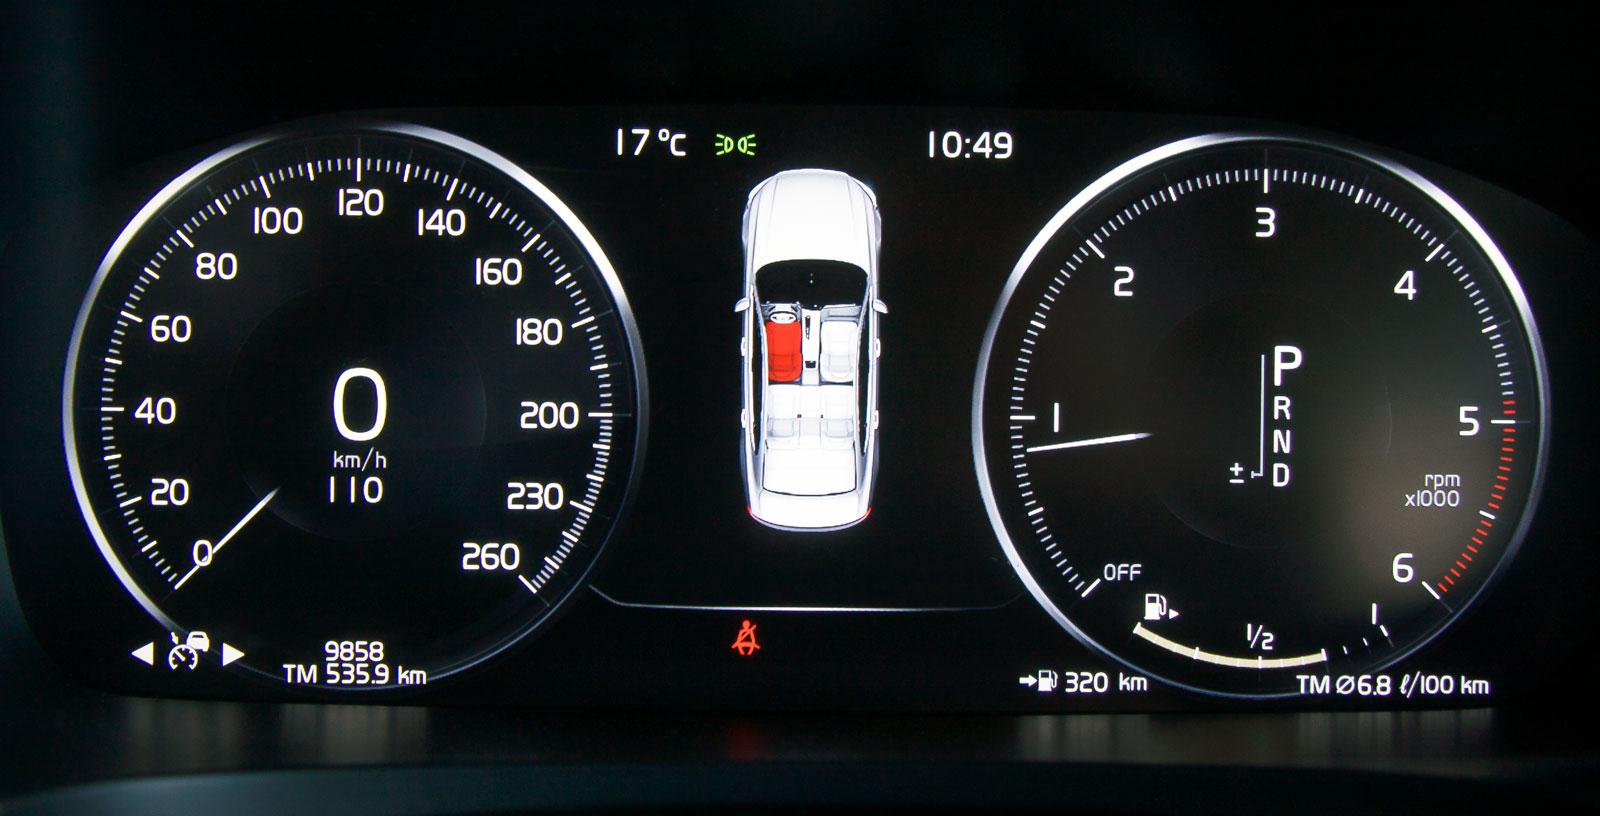 Volvos visning är distinkt och kan också varieras i utseende. Exempelvis kan navigationskartan frammanas också här.